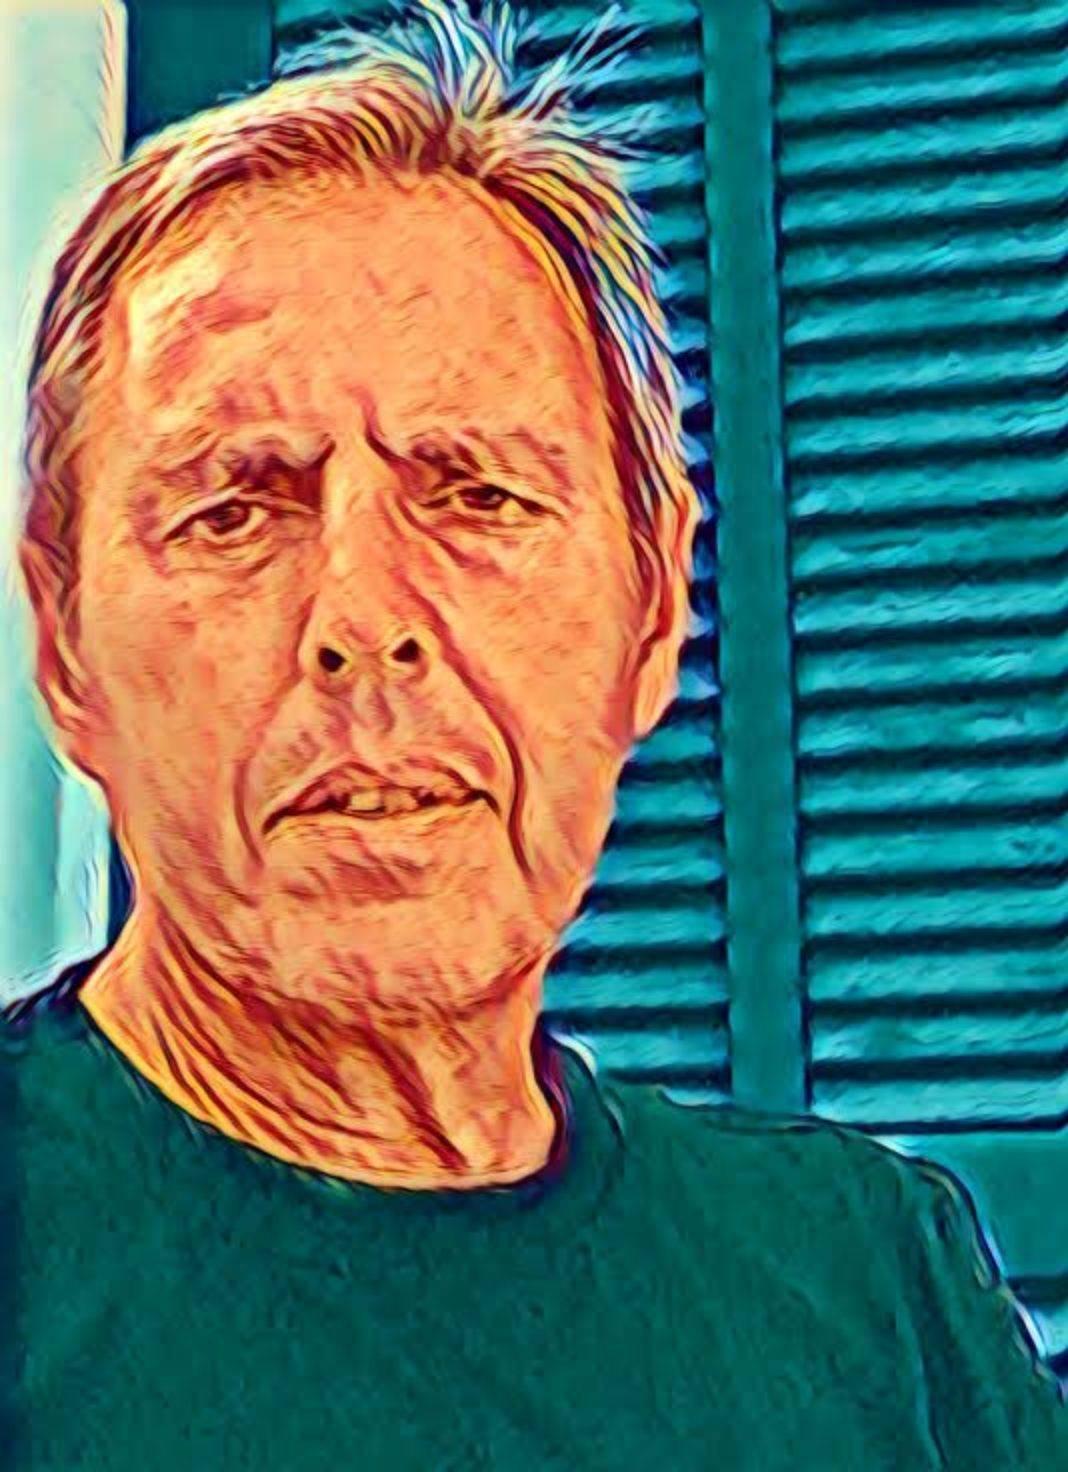 Jose Luis Gomez Calcerrada Gascon 1068x1472 - Día Mundial del Parkinson: La experiencia de un superviviente